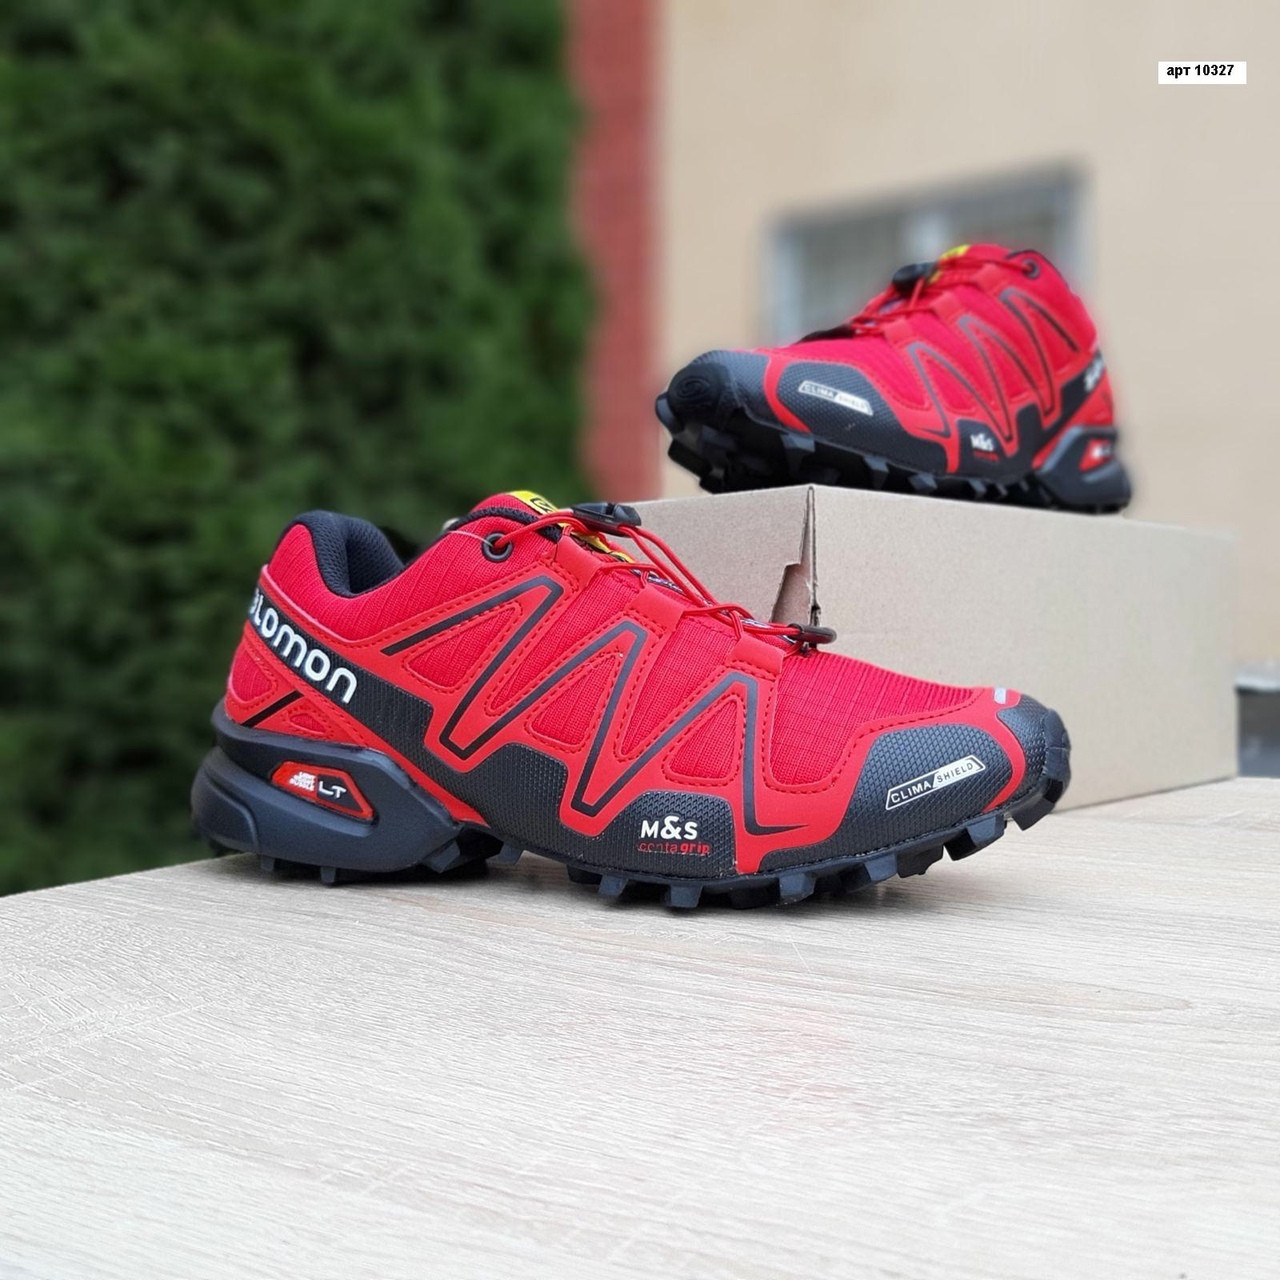 Мужские кроссовки SALOM0N SPEEDCROSS 3 Красные